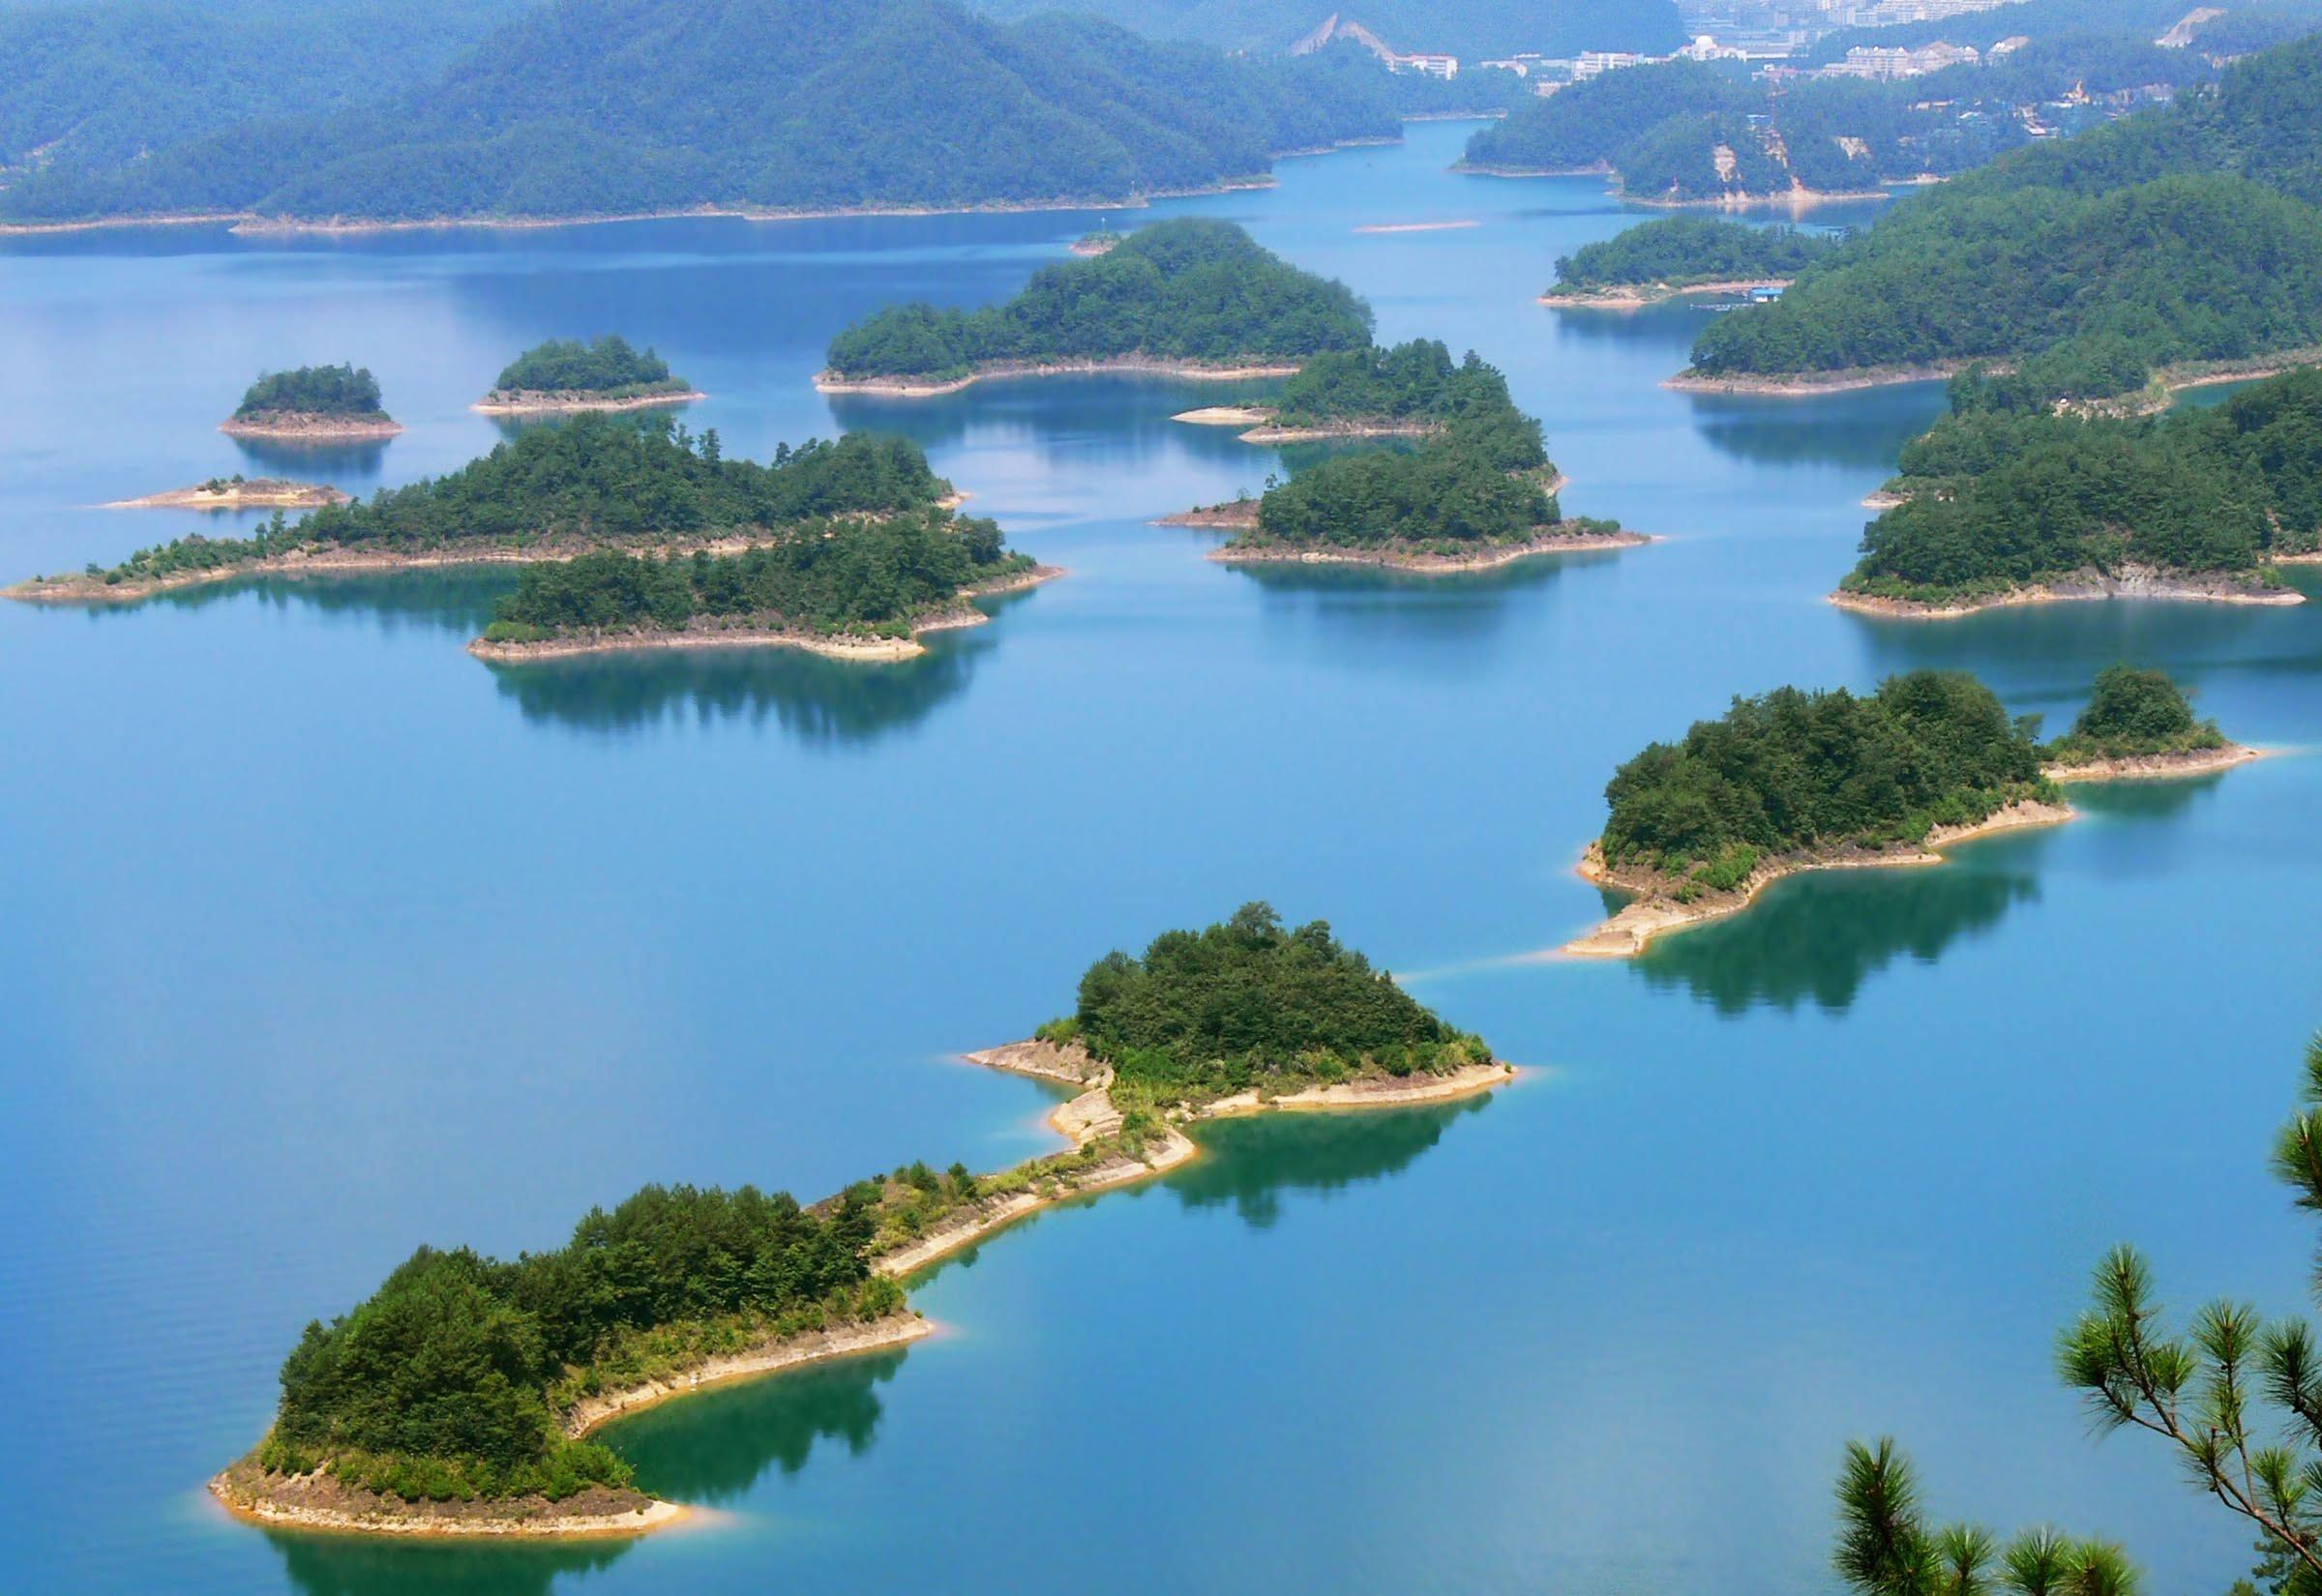 千岛湖旅游景点之(梅峰滑草)门票特价